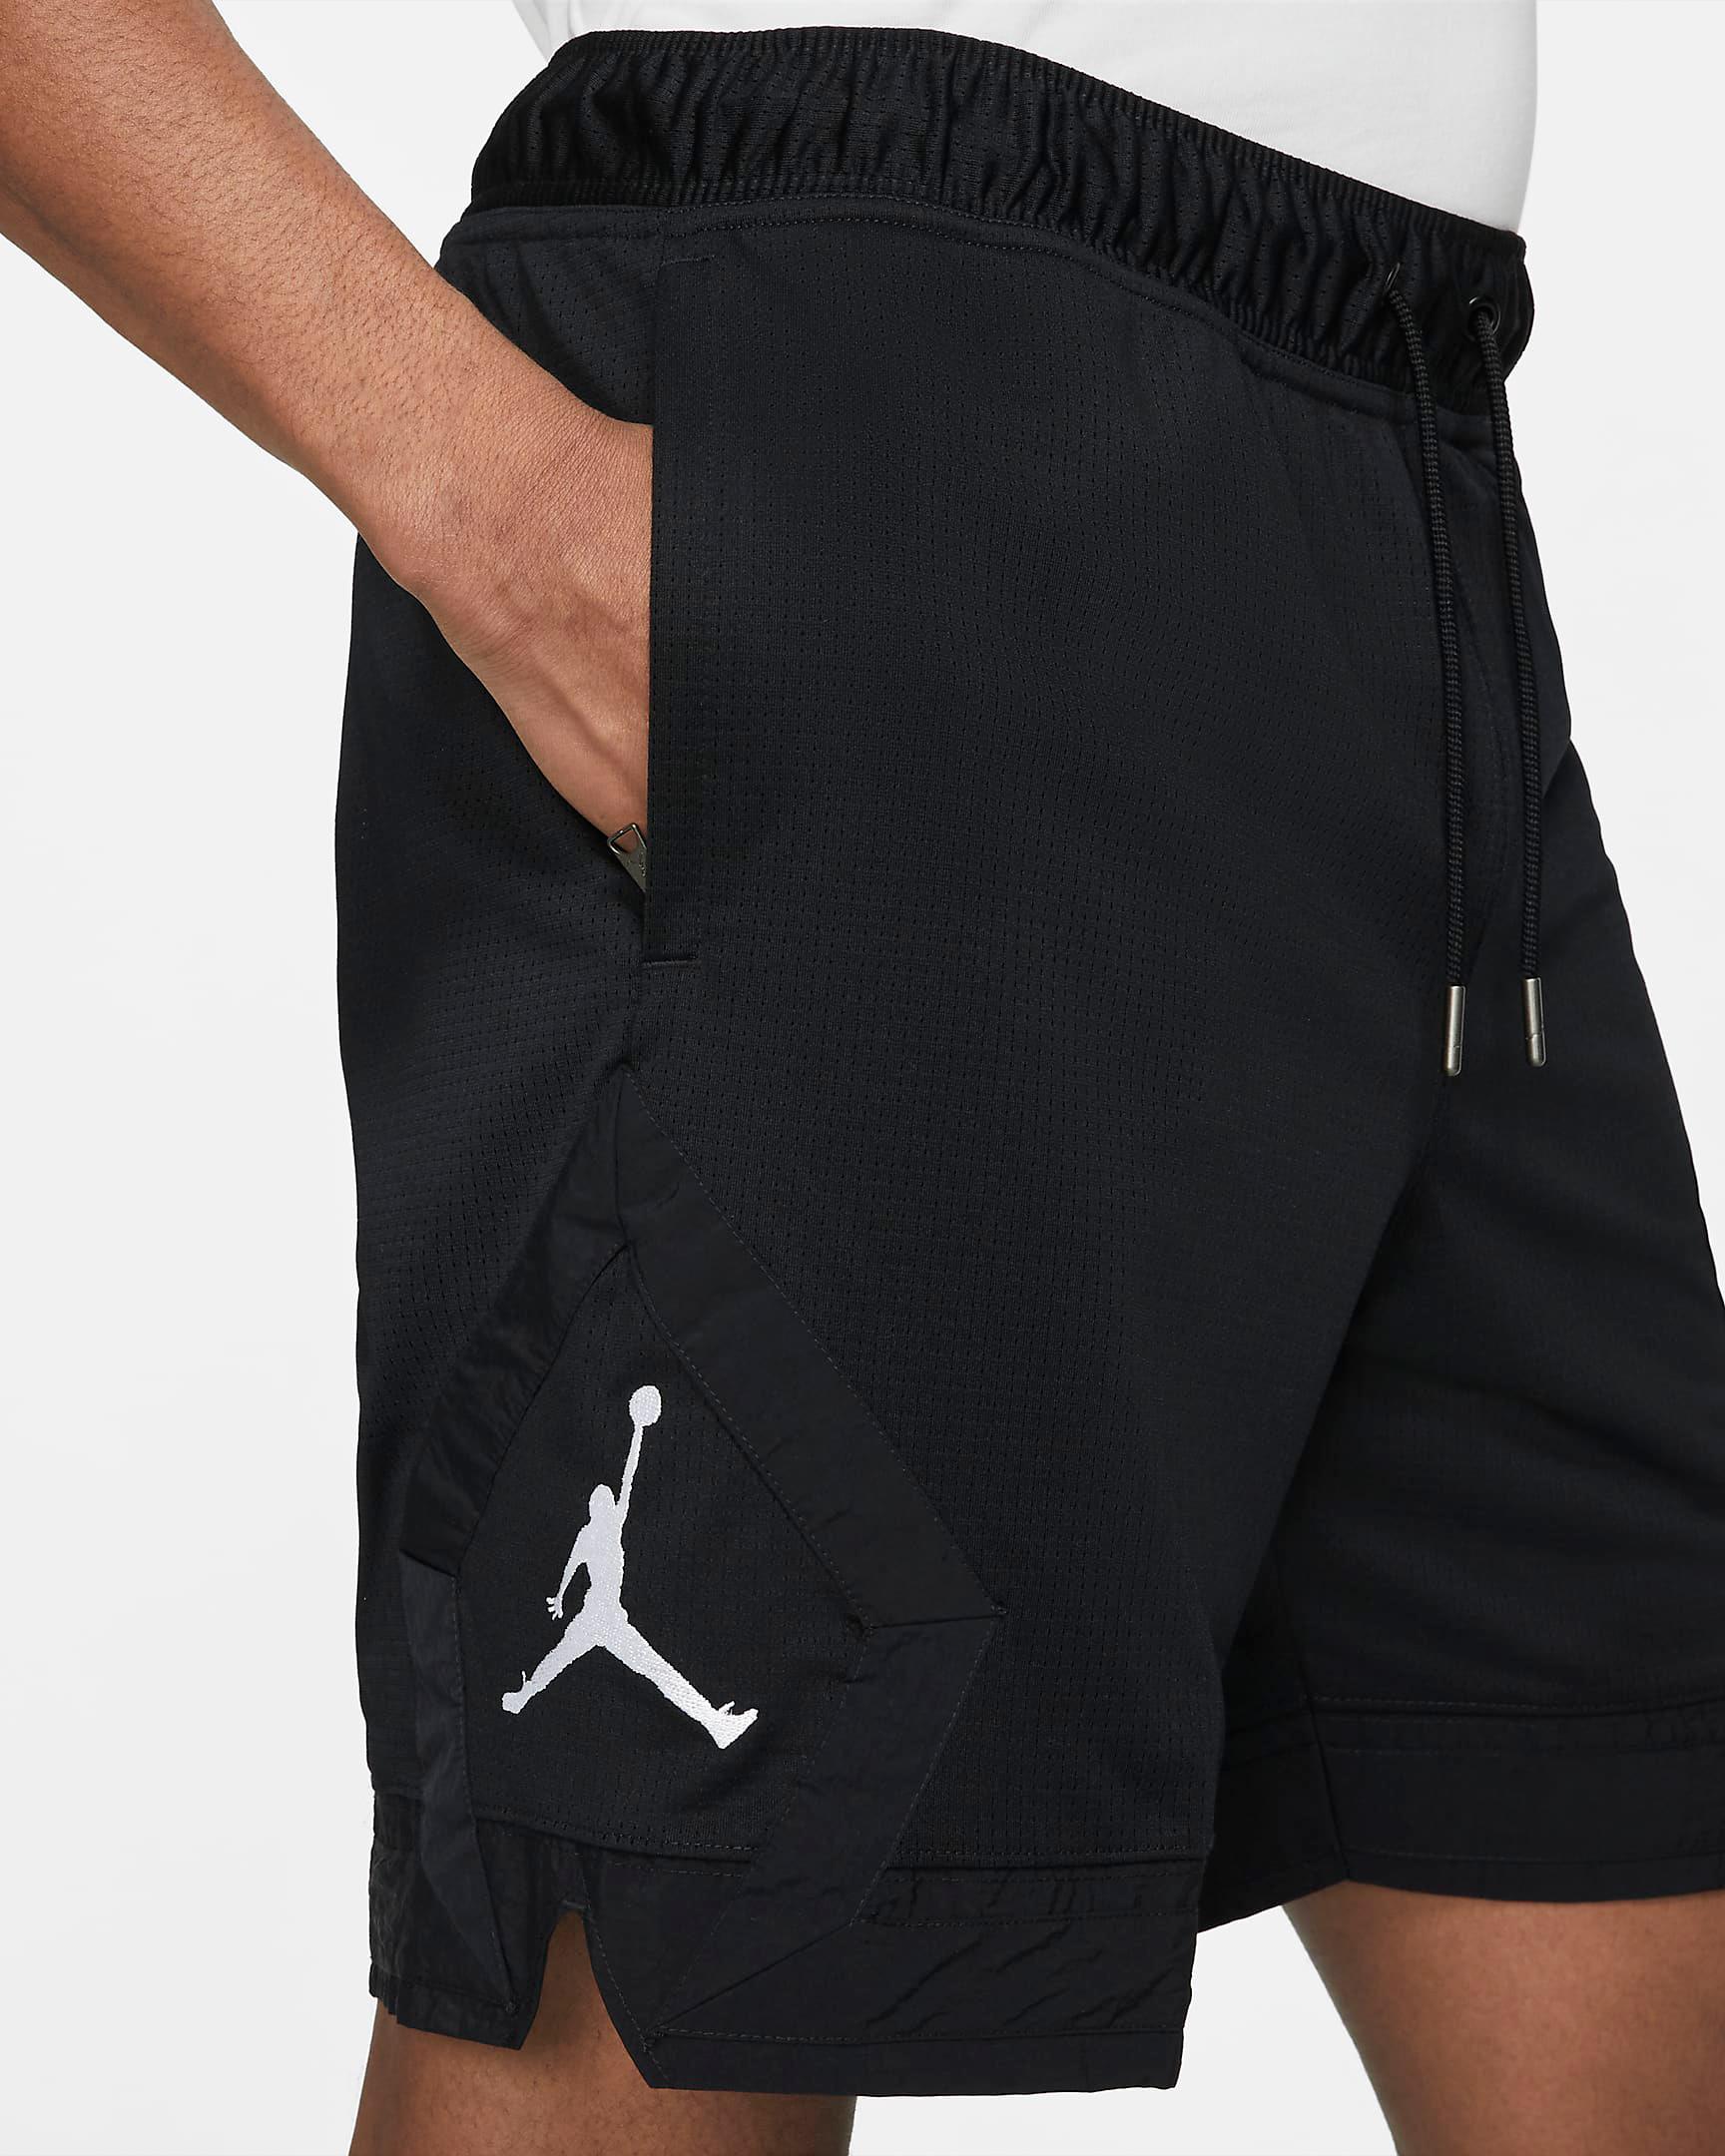 jordan-jumpman-diamond-black-white-shorts-2